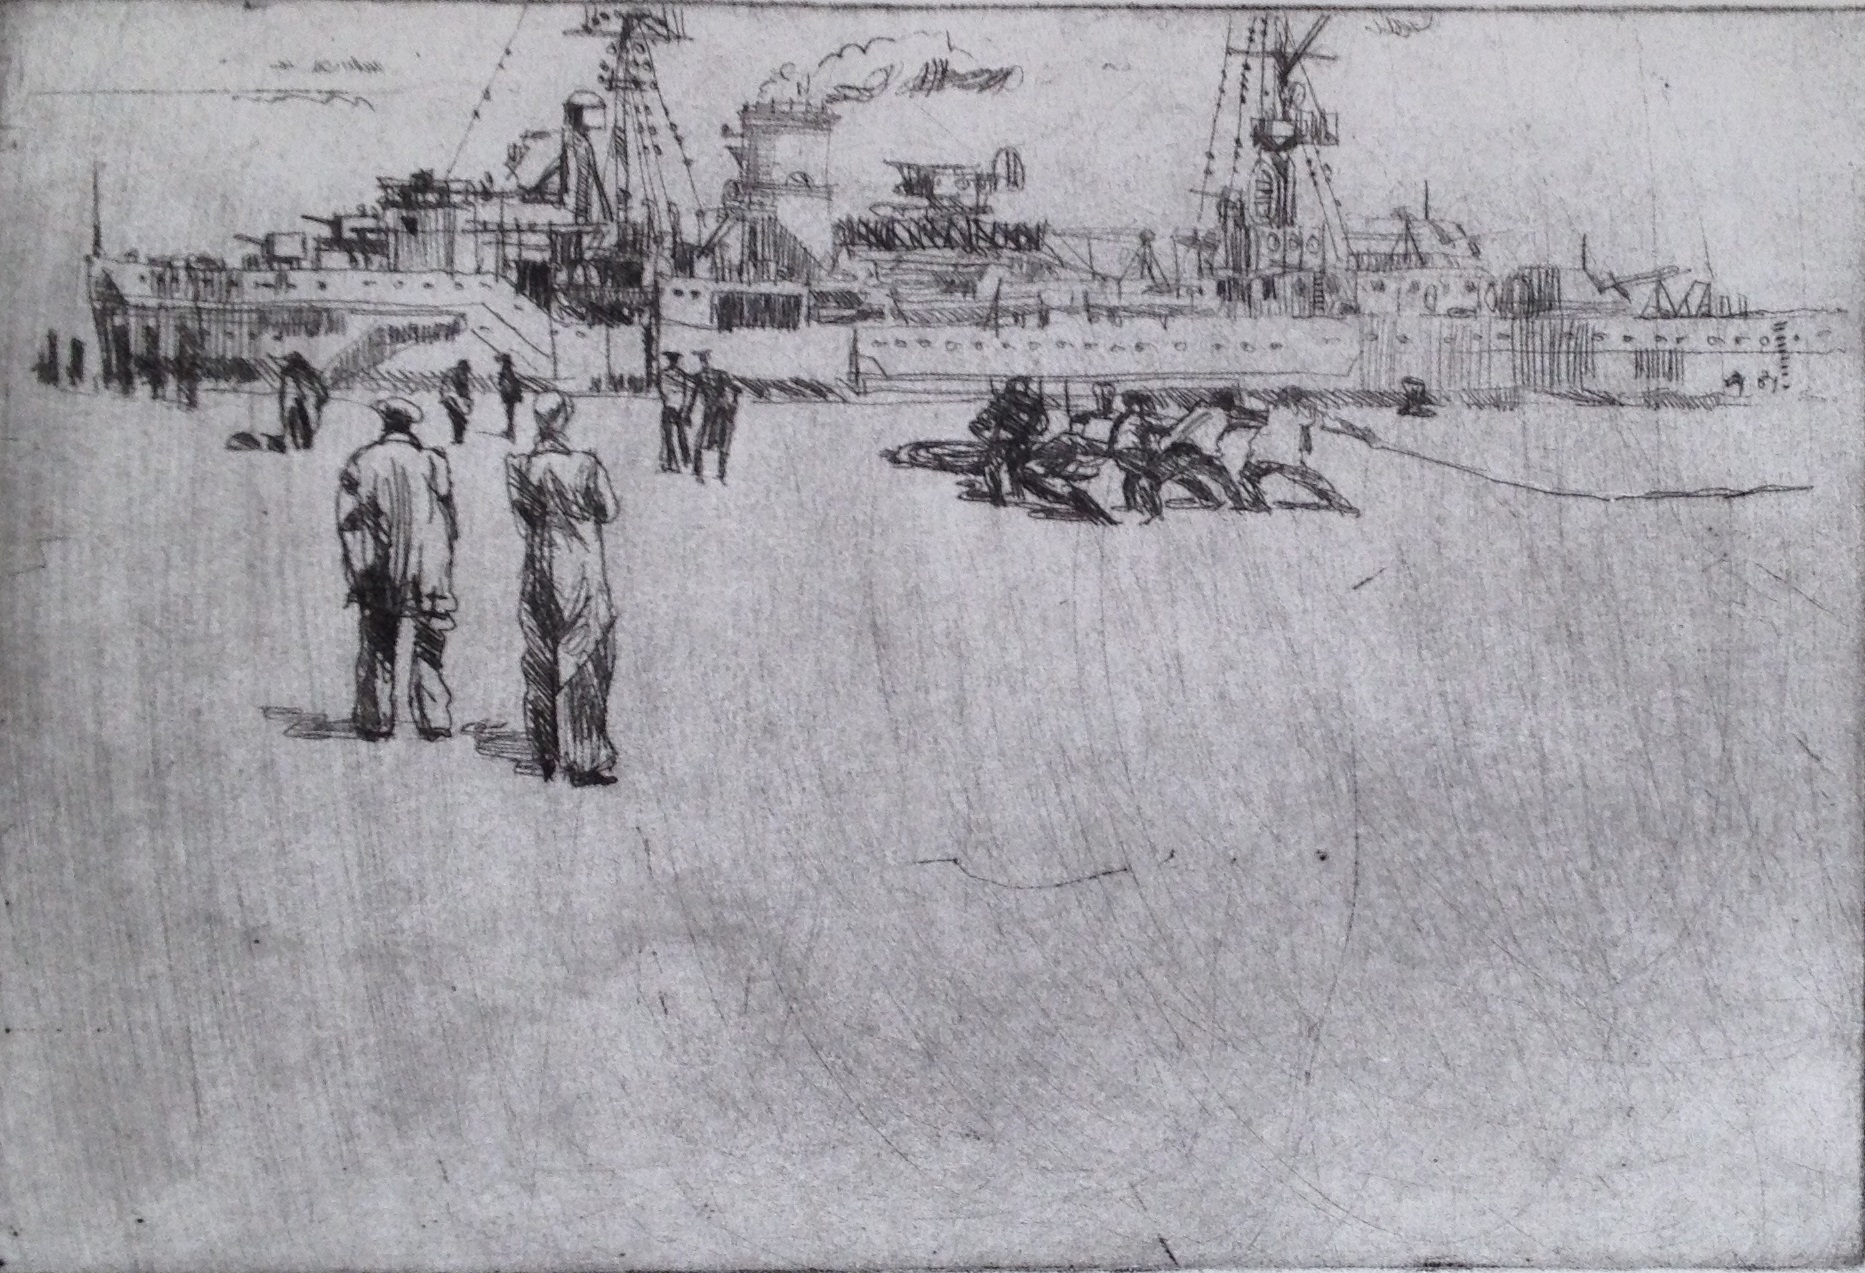 'Ship Alongside' Drypoint A/P Image 30x20.5cm Mount 30x40cm £200